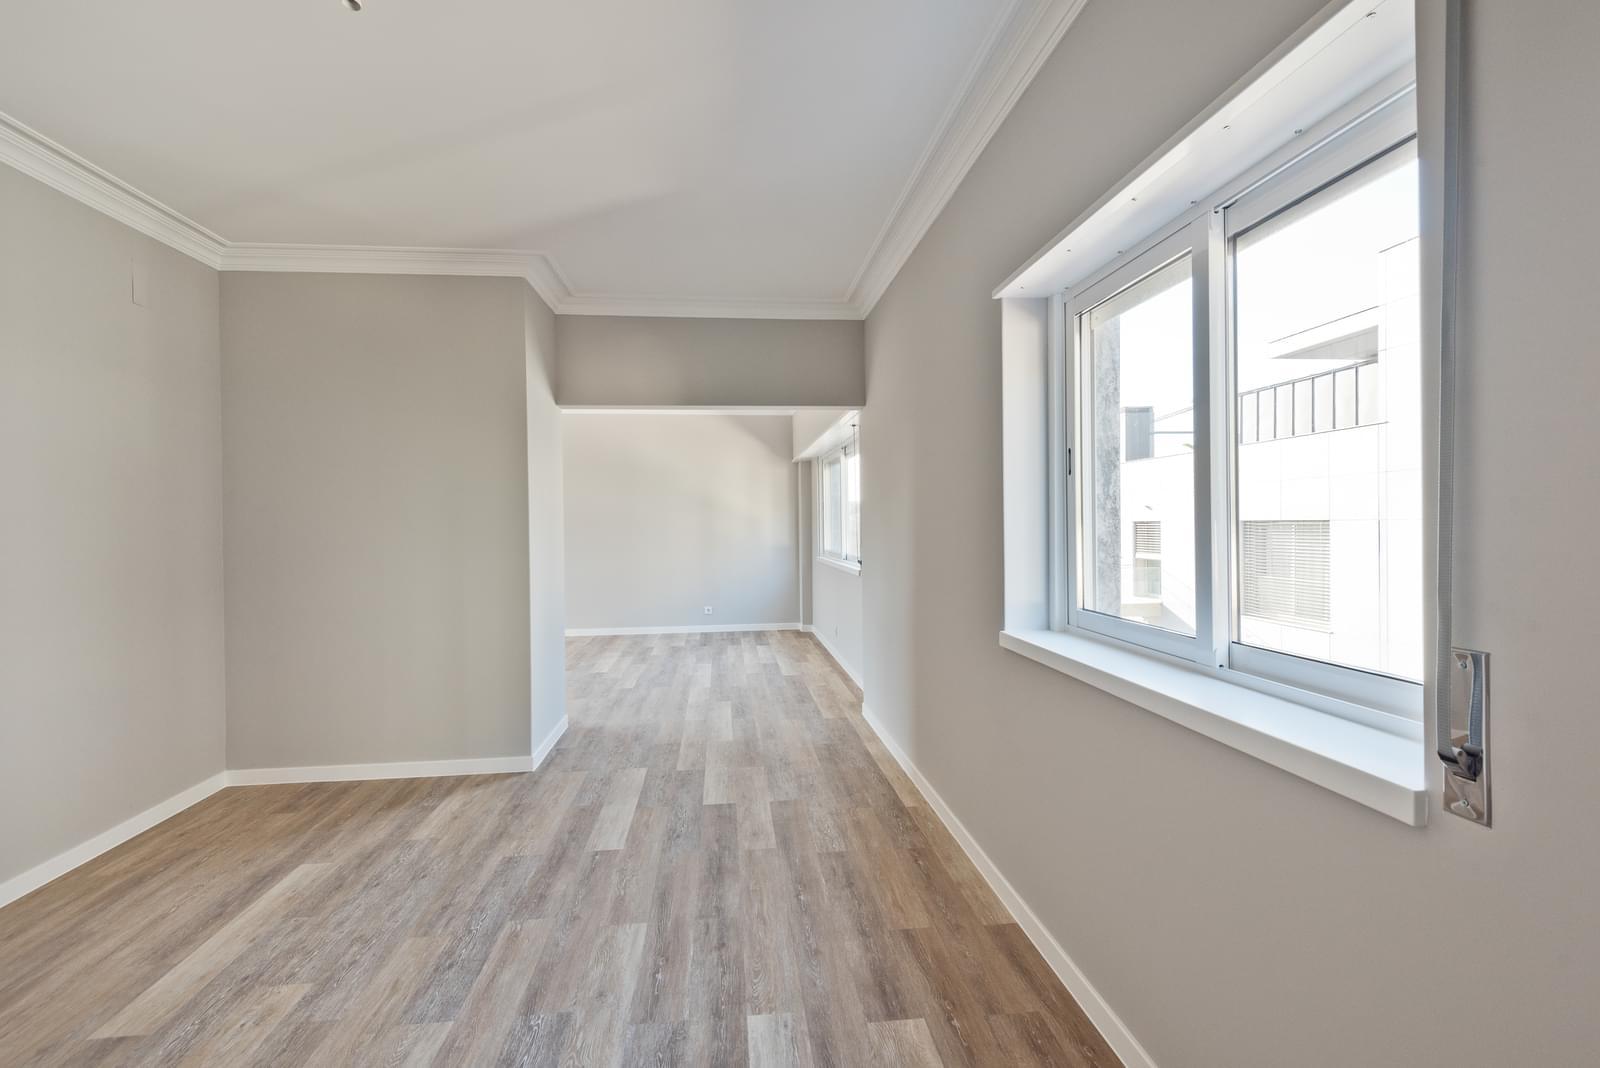 pf18954-apartamento-t3-cascais-8353649a-089e-40e0-9c6e-8f1e344440d5